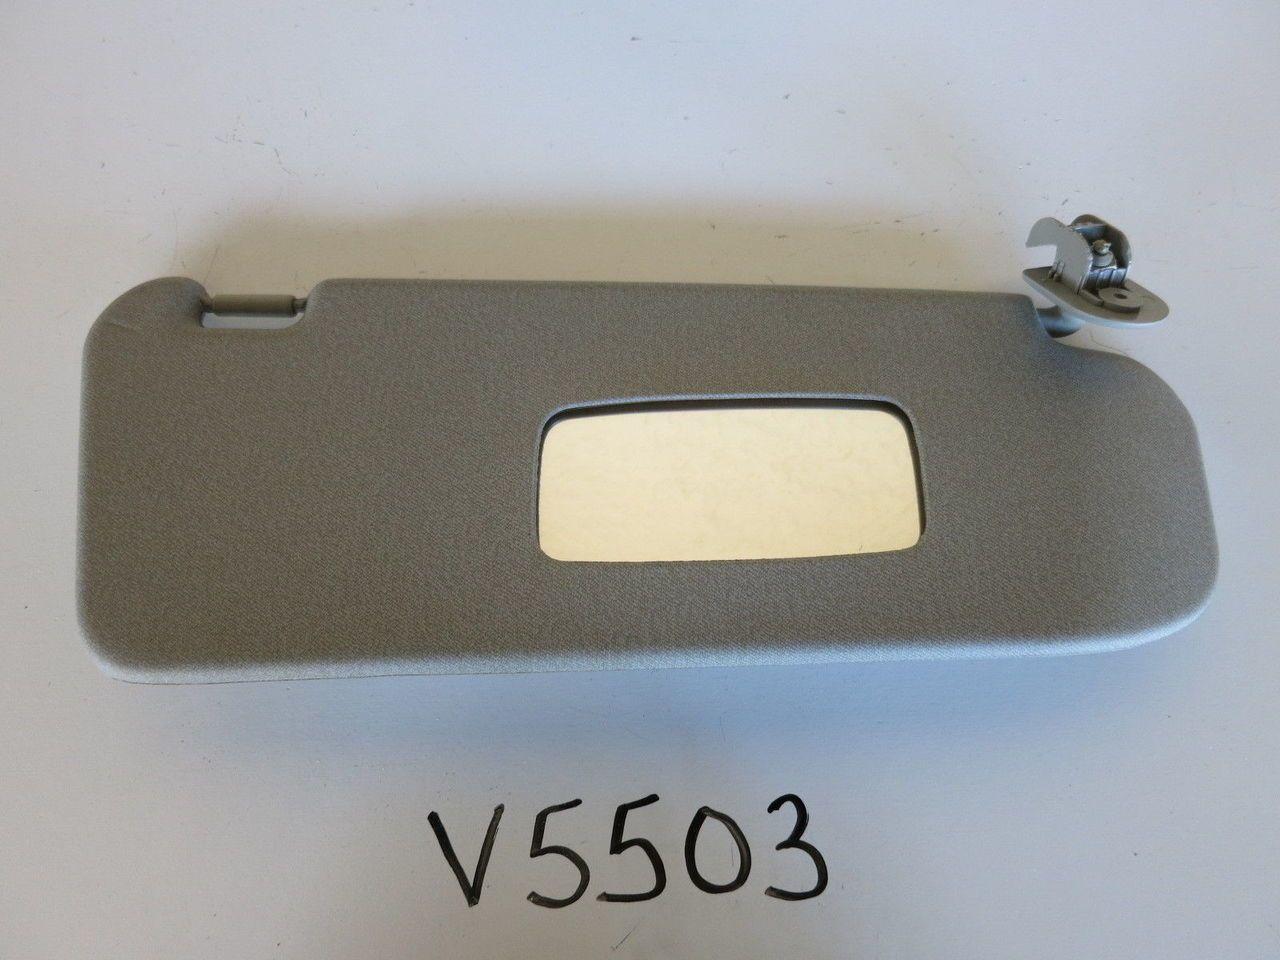 05 11 Chevy Aveo Right Passenger Side Interior Sun Visor Sunvisor Grey Car Parts For Sale Visor Chevy